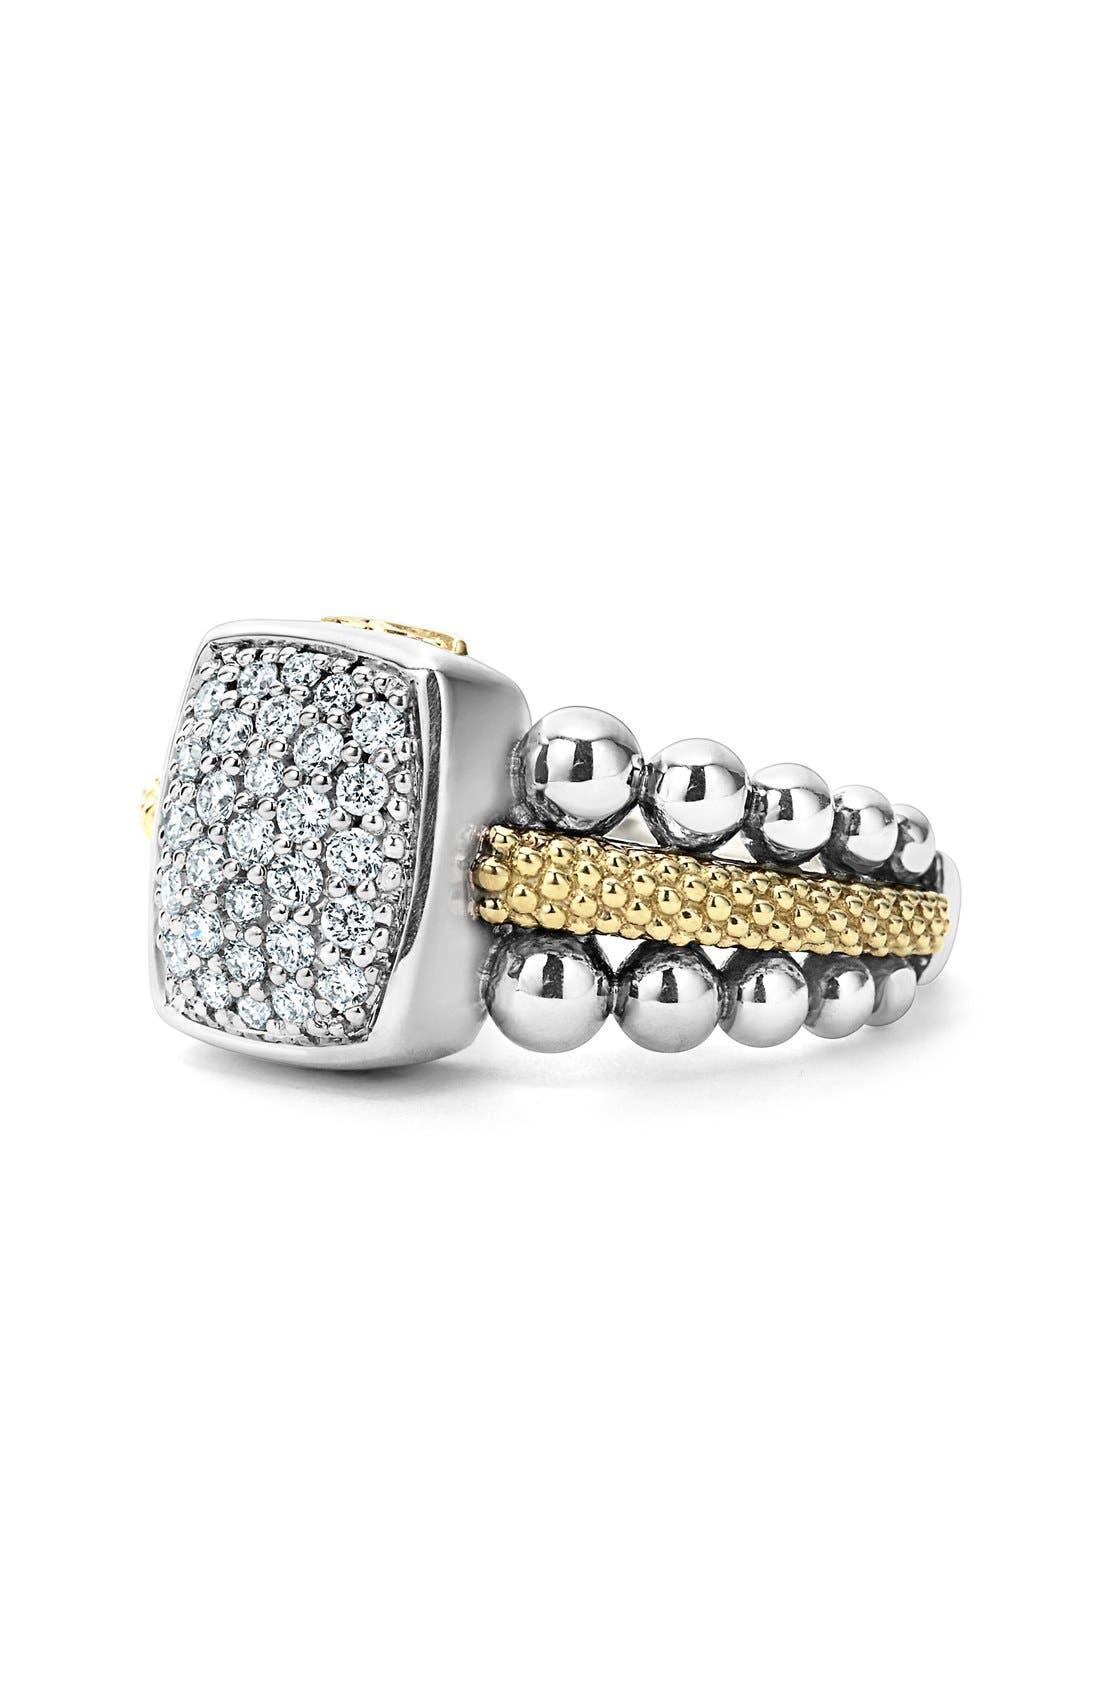 Diamond Caviar Square Ring,                             Alternate thumbnail 7, color,                             040